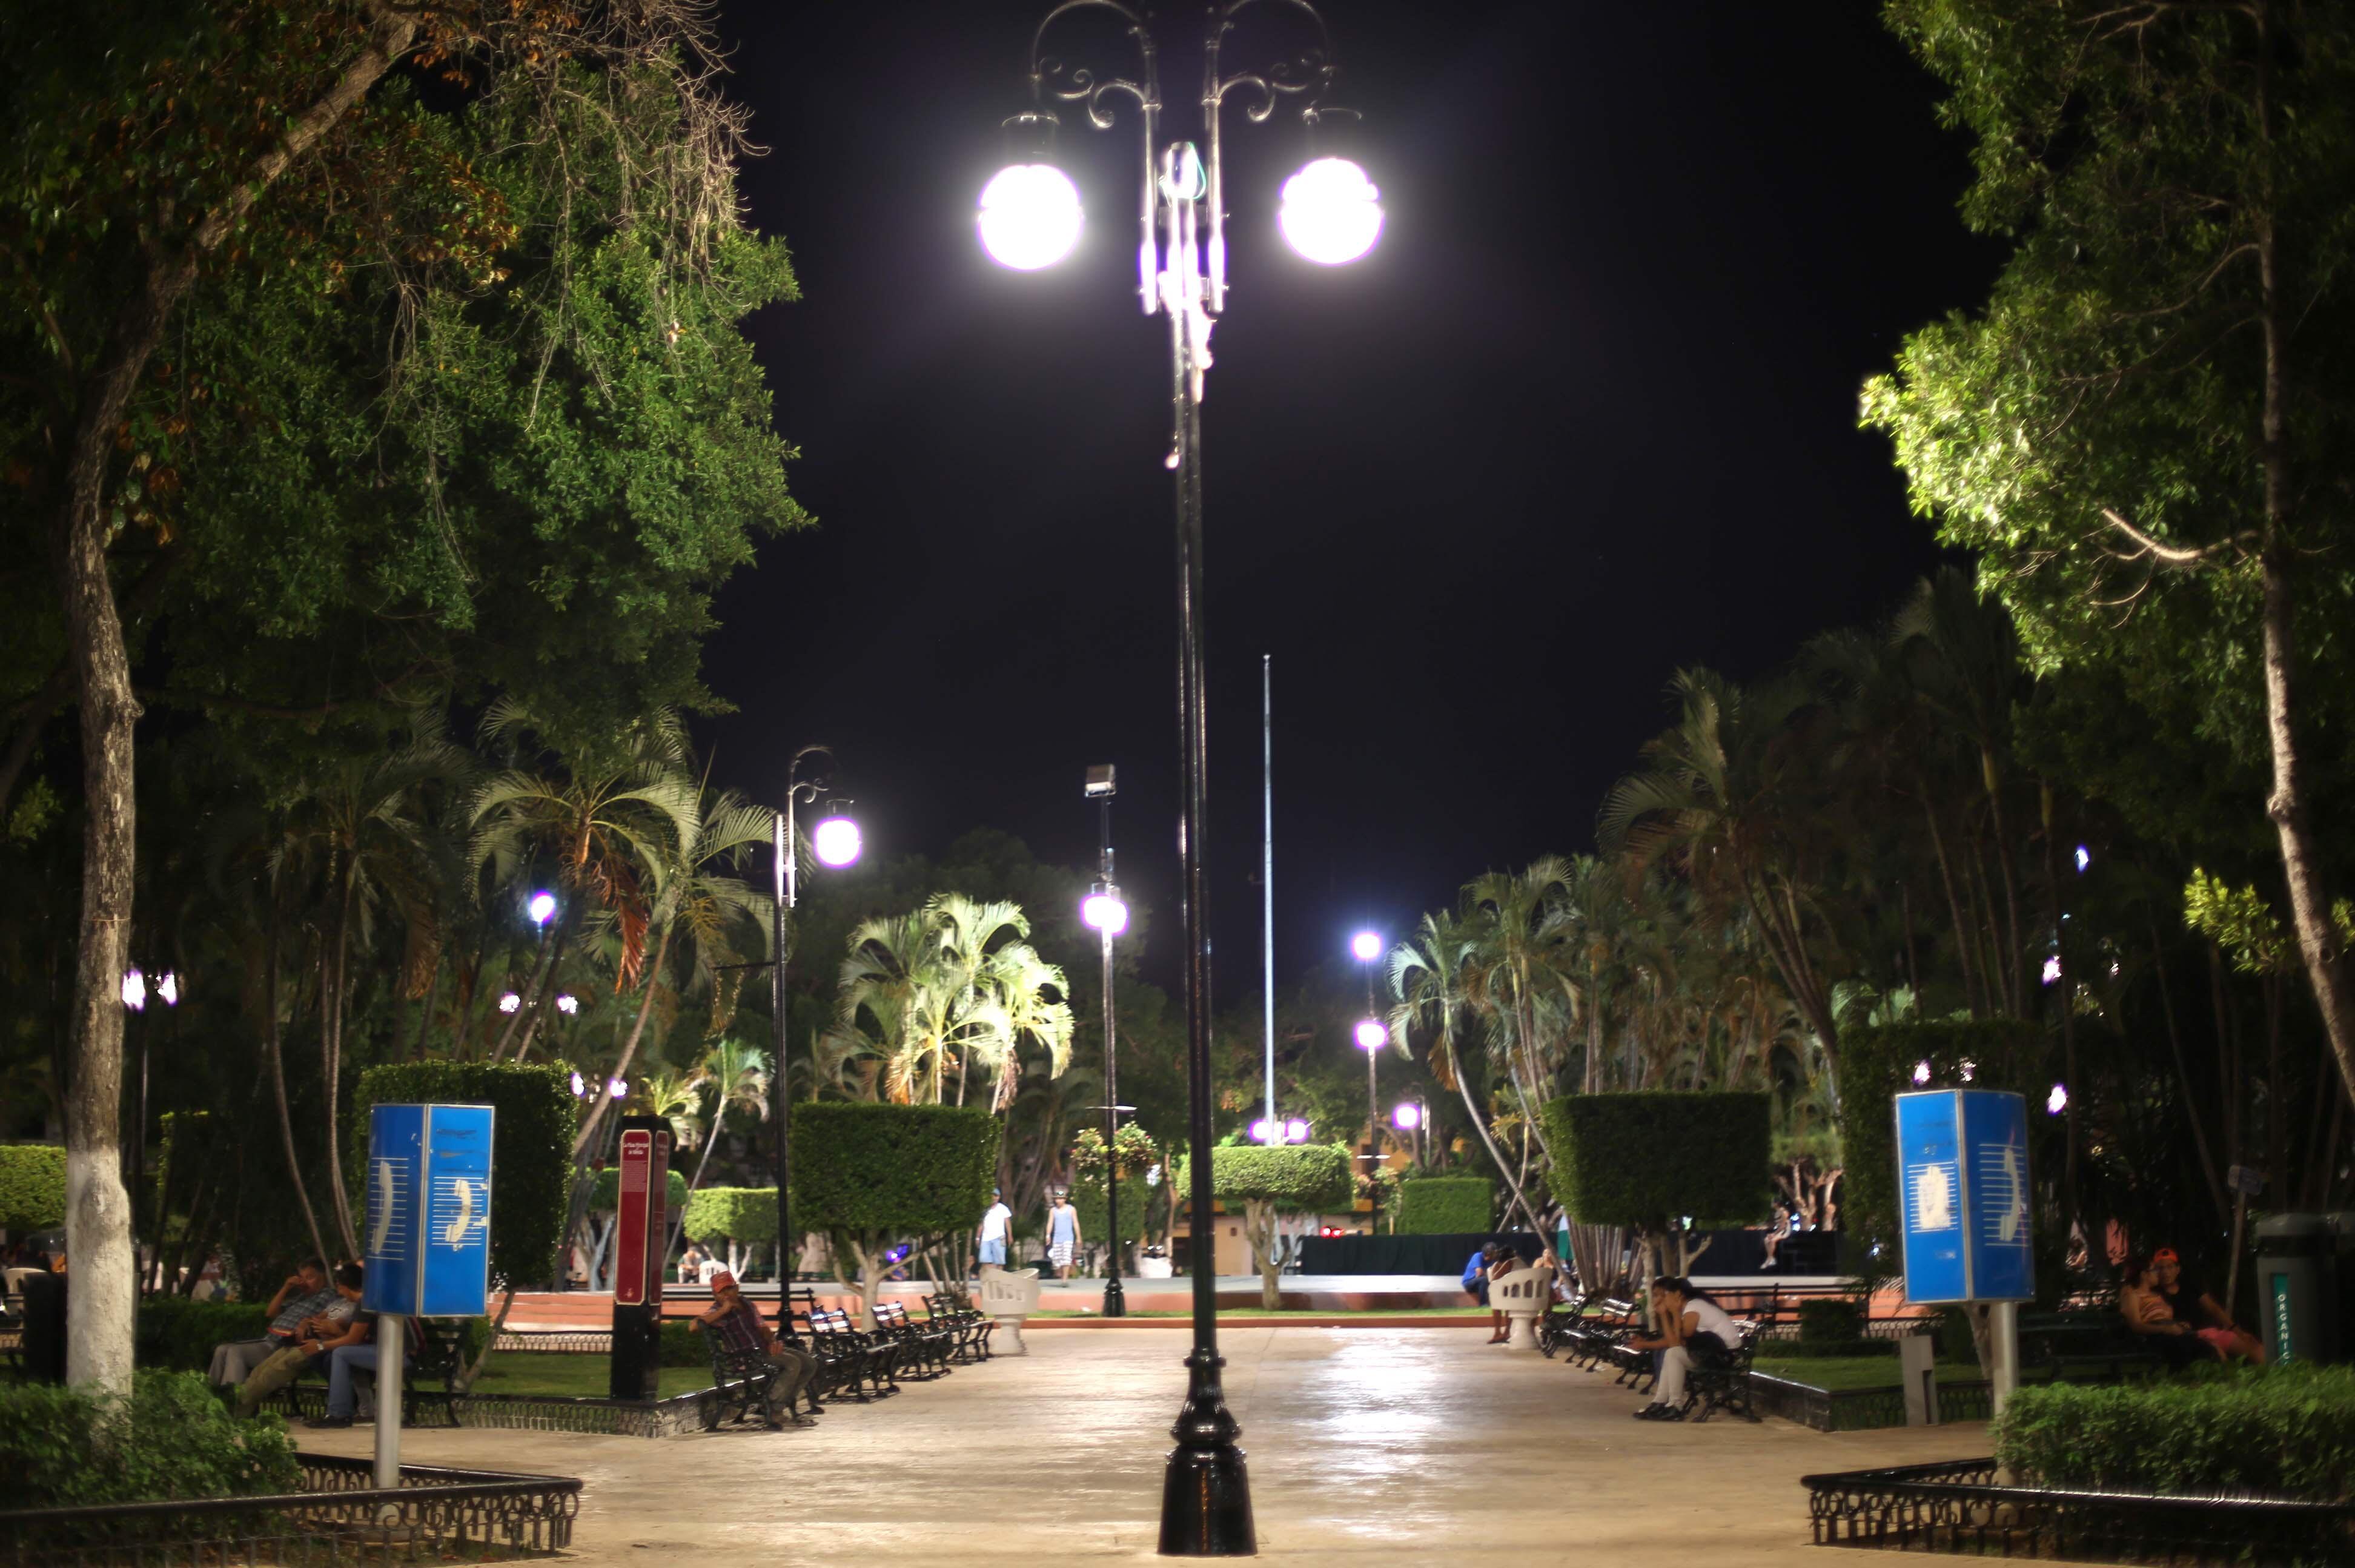 Nuevo sistema de alumbrado público en plaza principal de Mérida